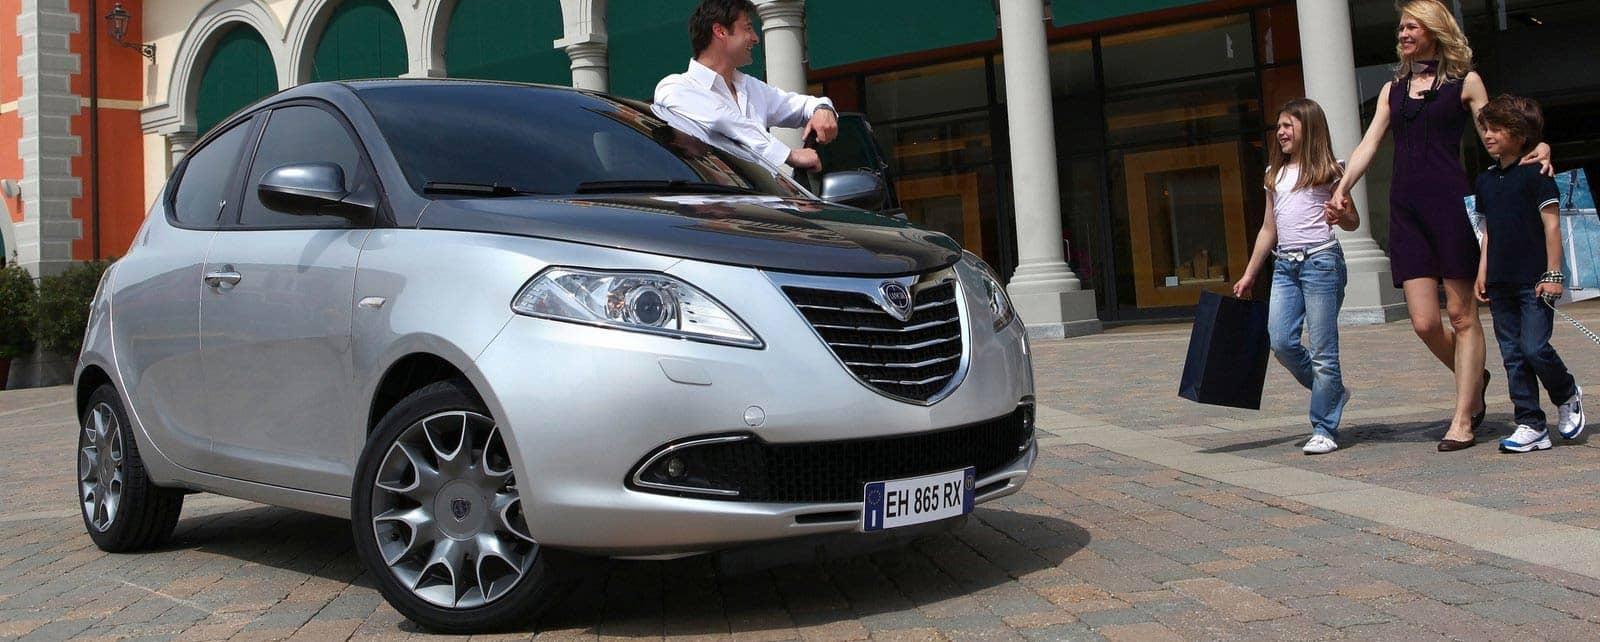 Car Rental Creta Sconto